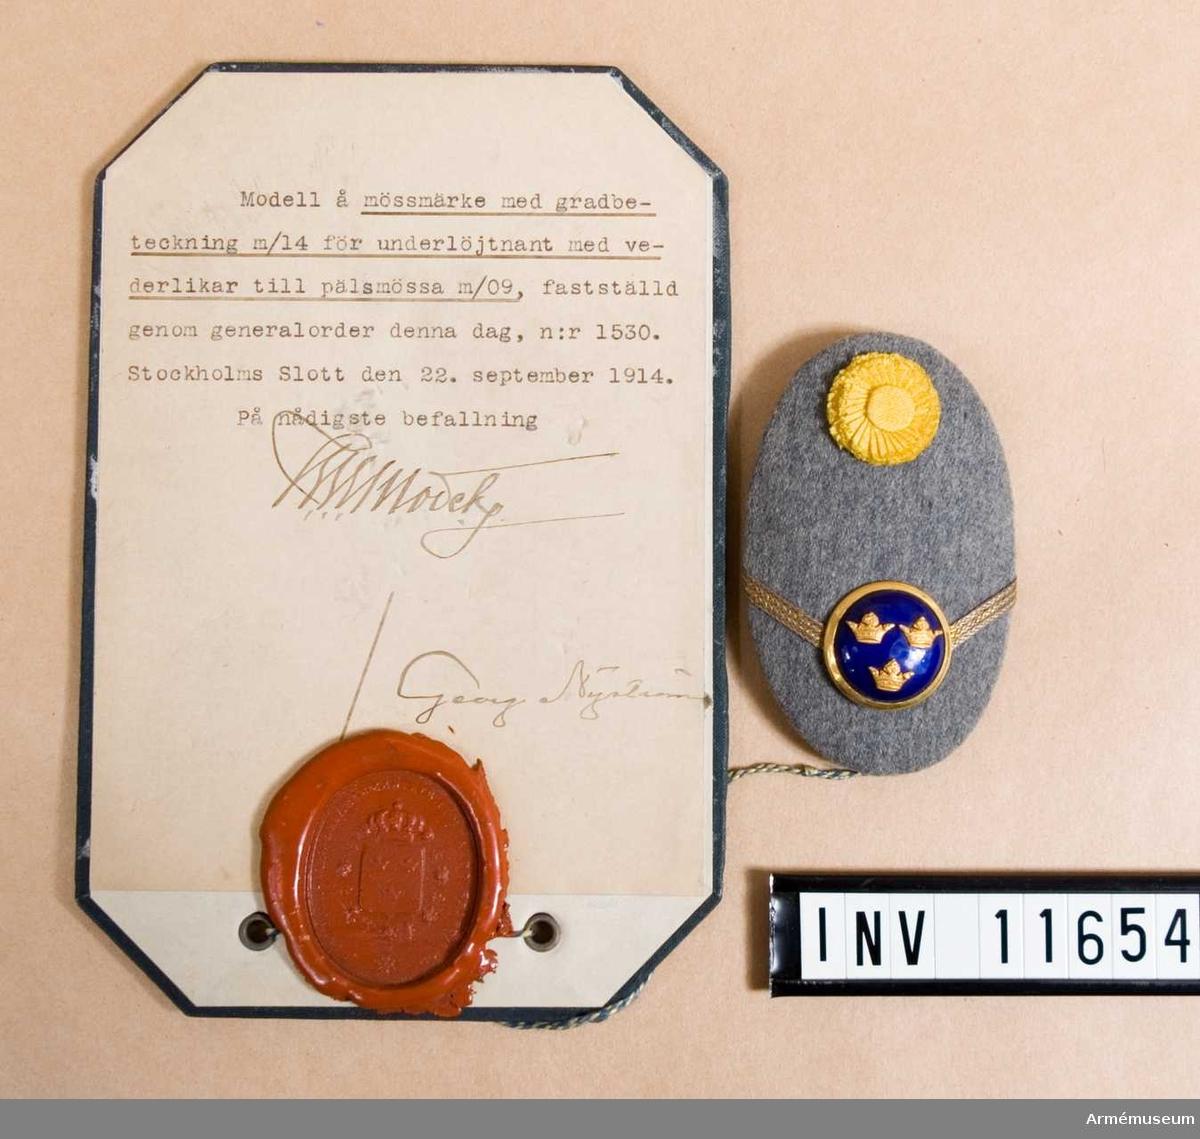 Grupp C I. Modell på mössmärke med gradbeteckning m/1914 för underlöjtnant med vederlikar till pälsmössa m/1909.  Dep från Arméförvaltningens Intendenturdep., modellkammaren.